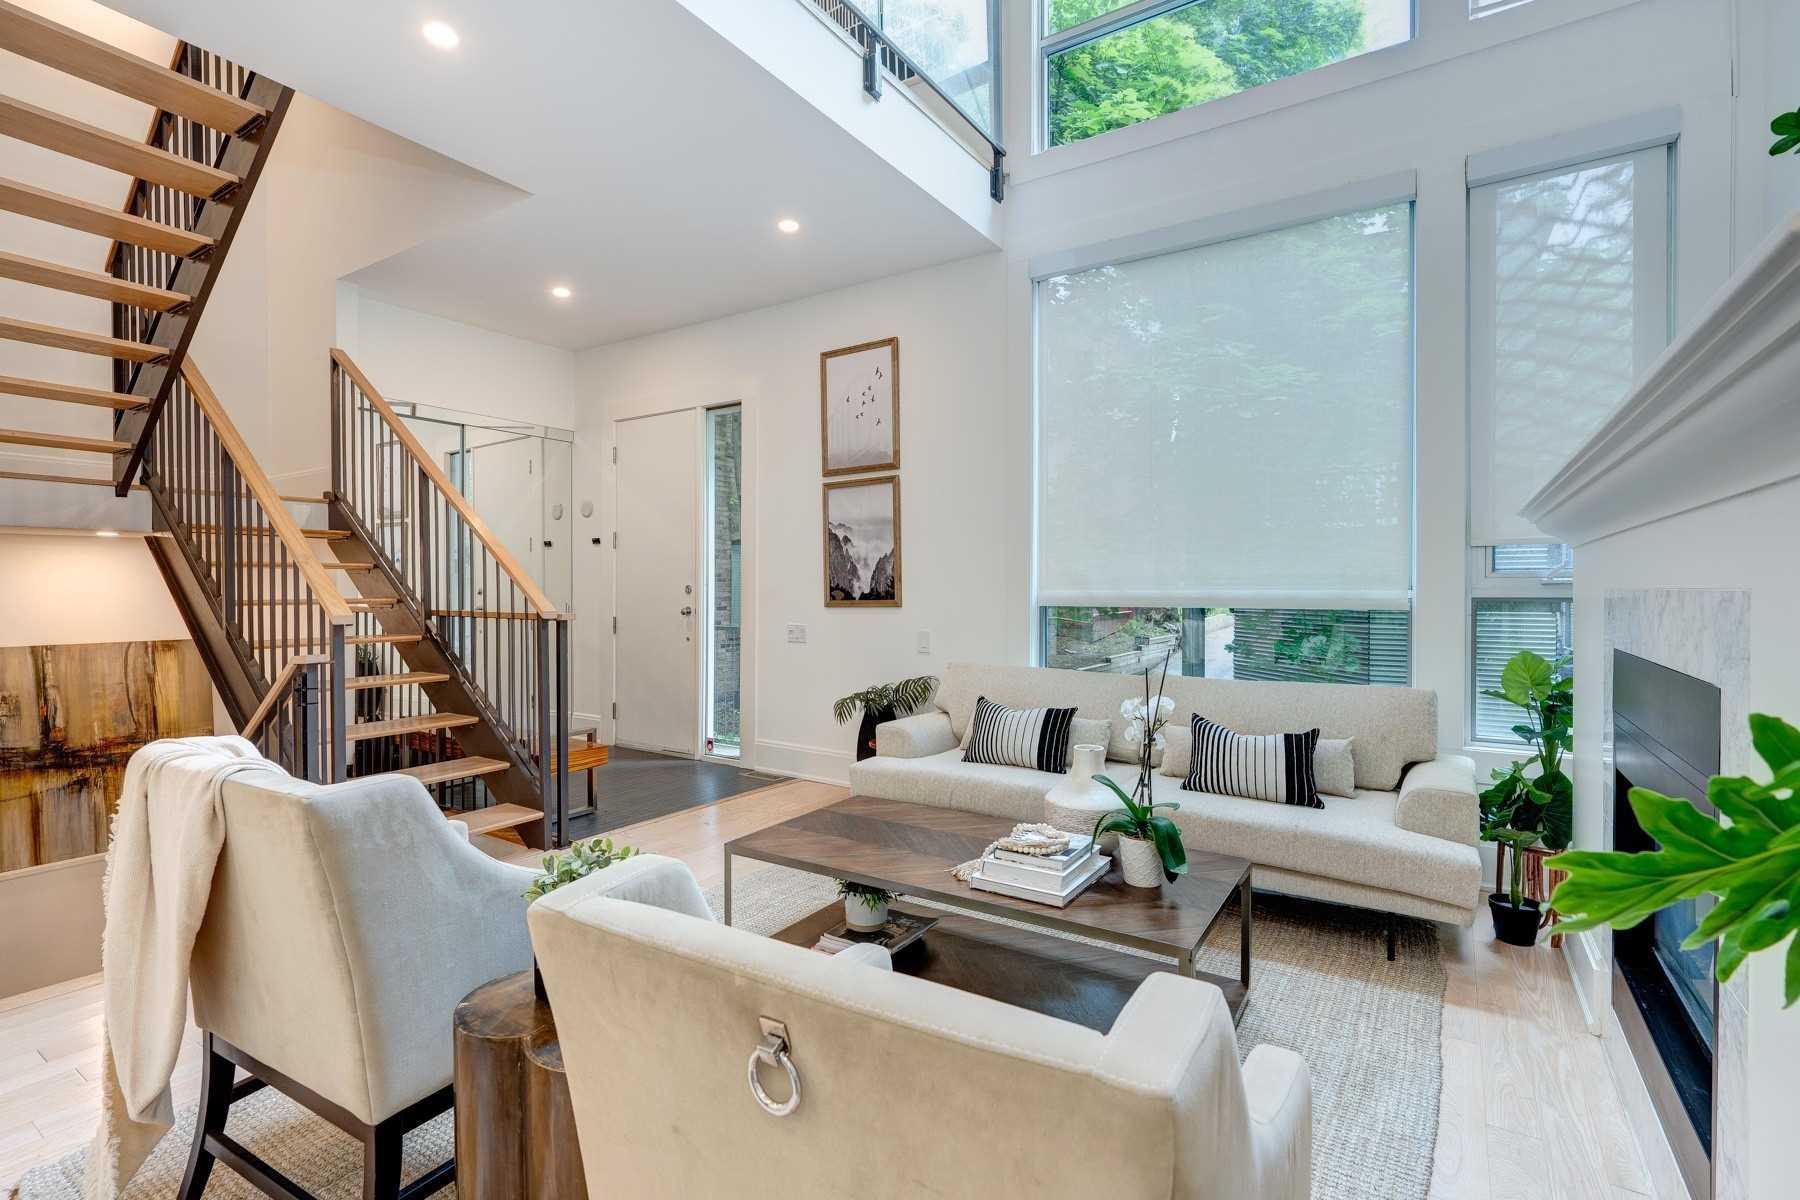 House For Sale 496 Kingston Rd, M4L1V3, East End-Danforth, Toronto